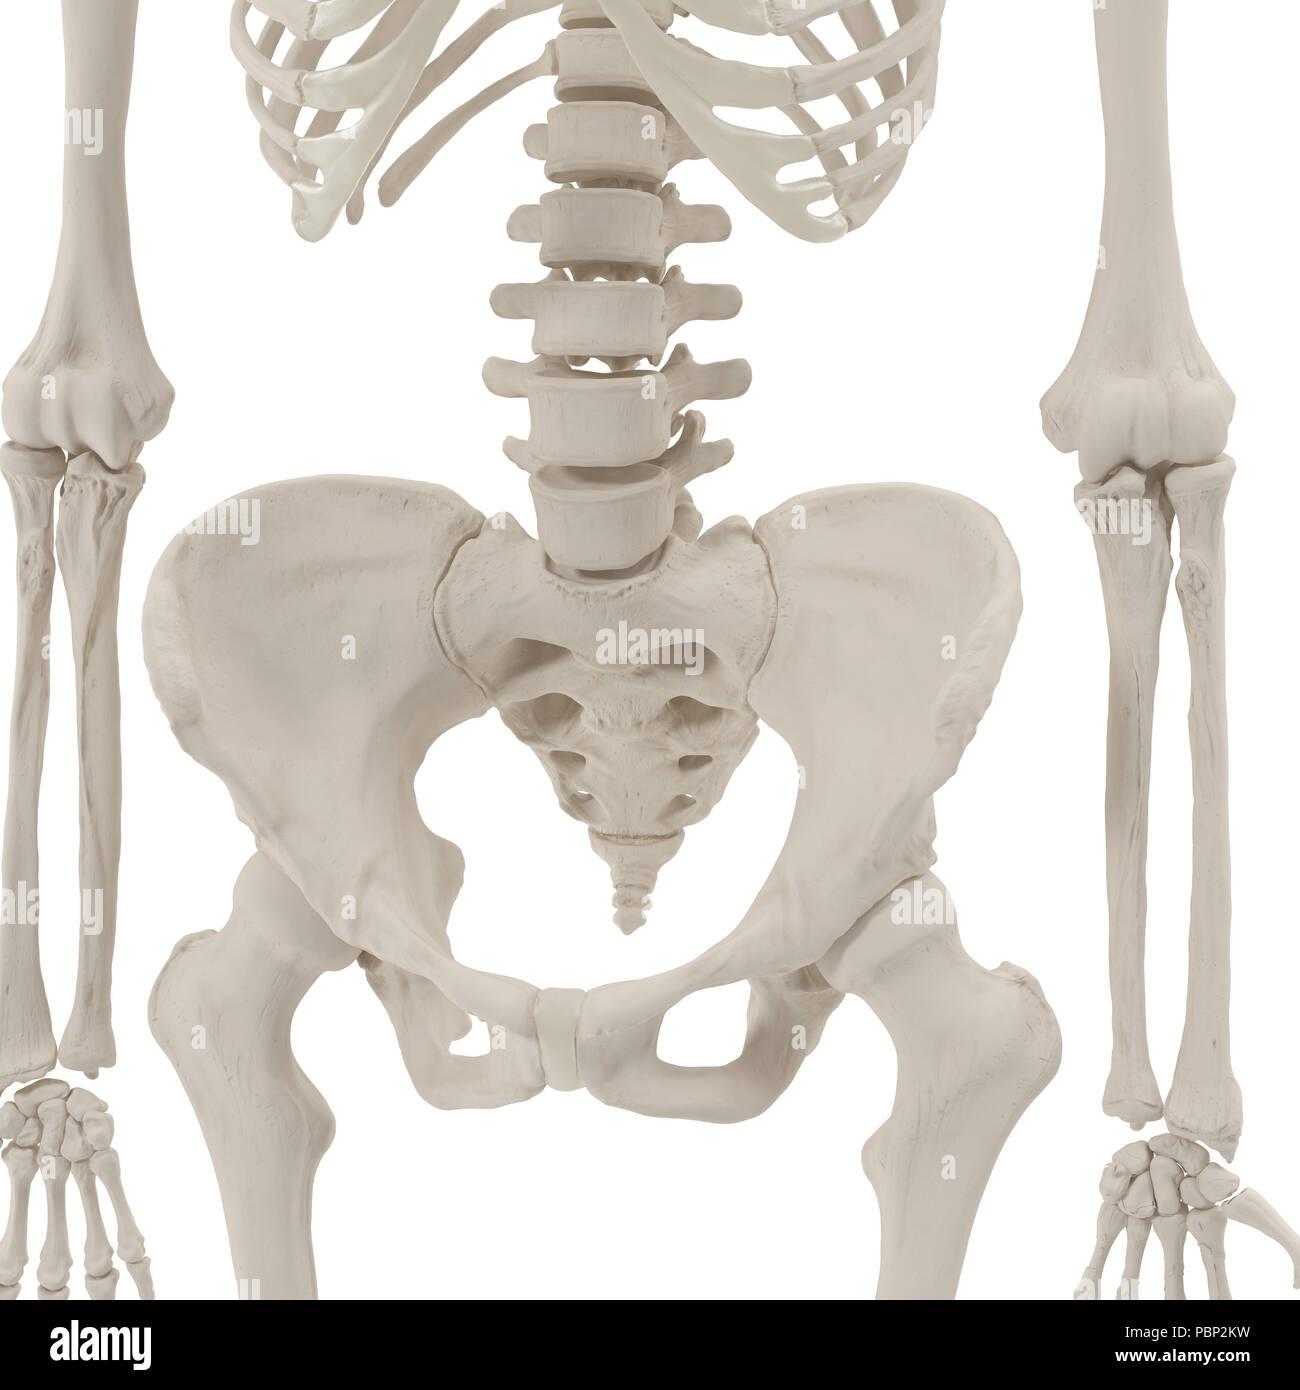 Female Pelvis Skeleton on white. 3D illustration - Stock Image